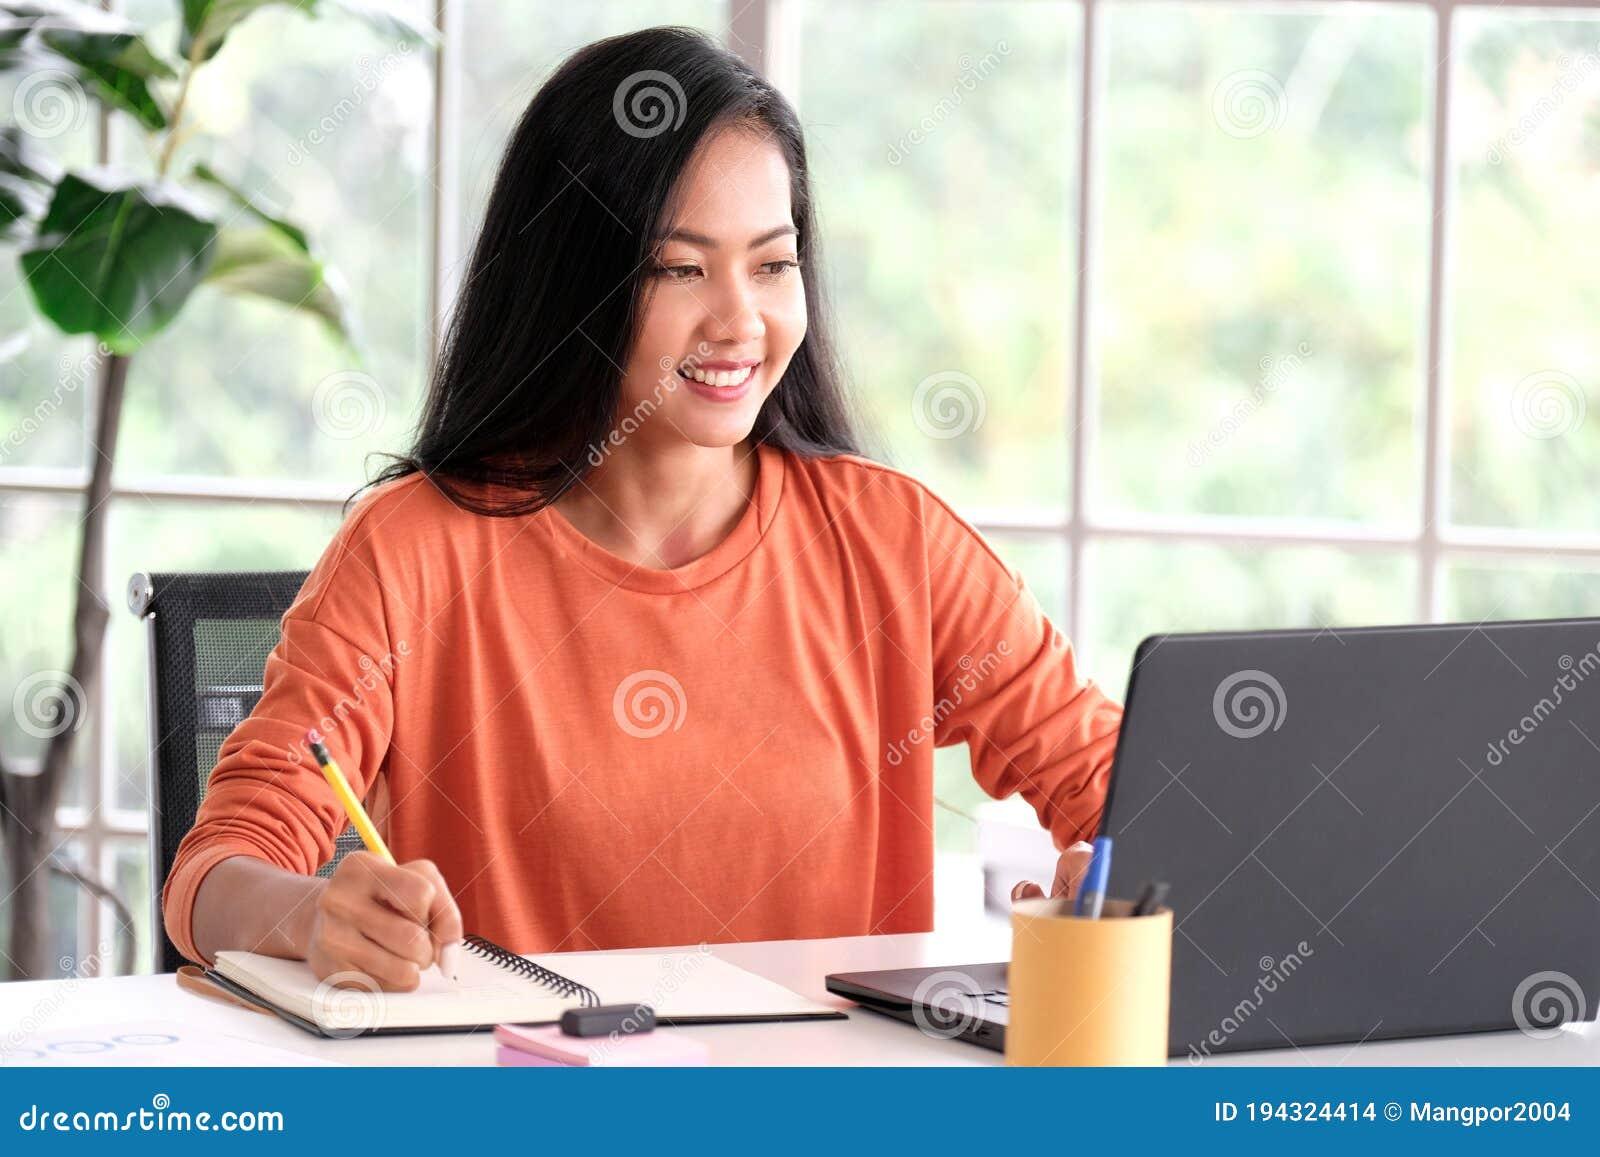 Работа в азии для девушек веб девушка модель отзывы о сайте